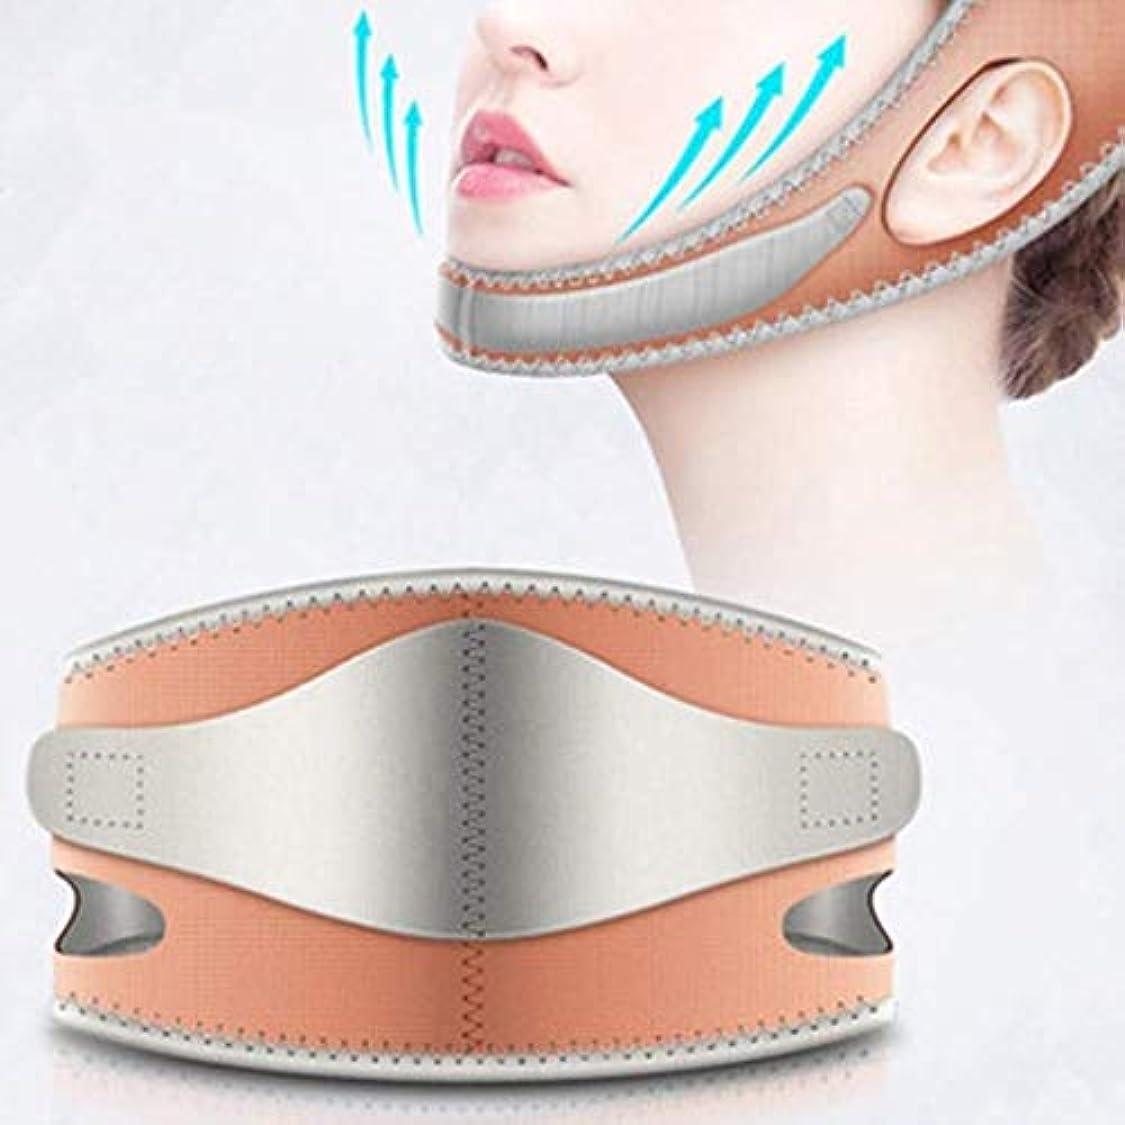 歯美容師道徳のフェイスリフティング痩身Vフェイスマスクフルカバレッジ包帯減らす顔の二重あごケア減量美容ベルト通気性